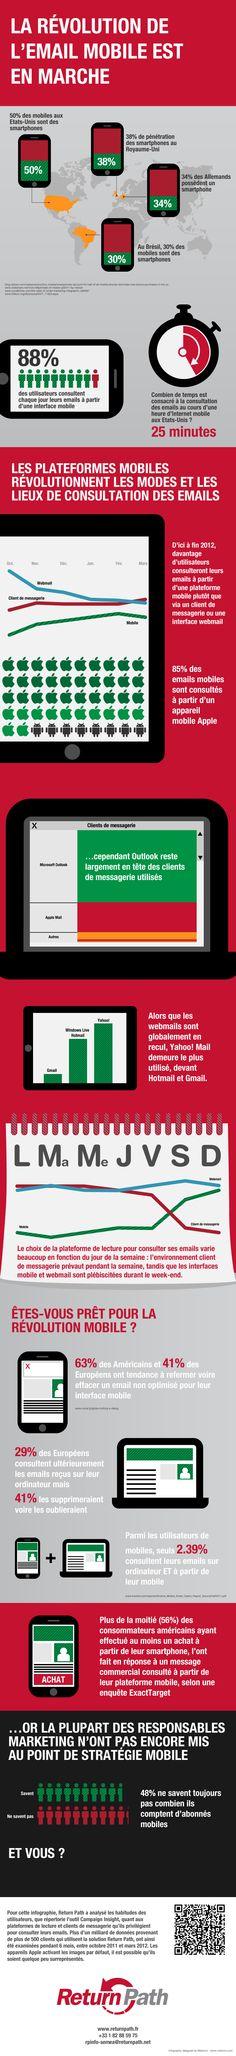 Développer une stratégie e-mail marketing pour mobile en 2012 : une nécessité ? Peut-être bien !